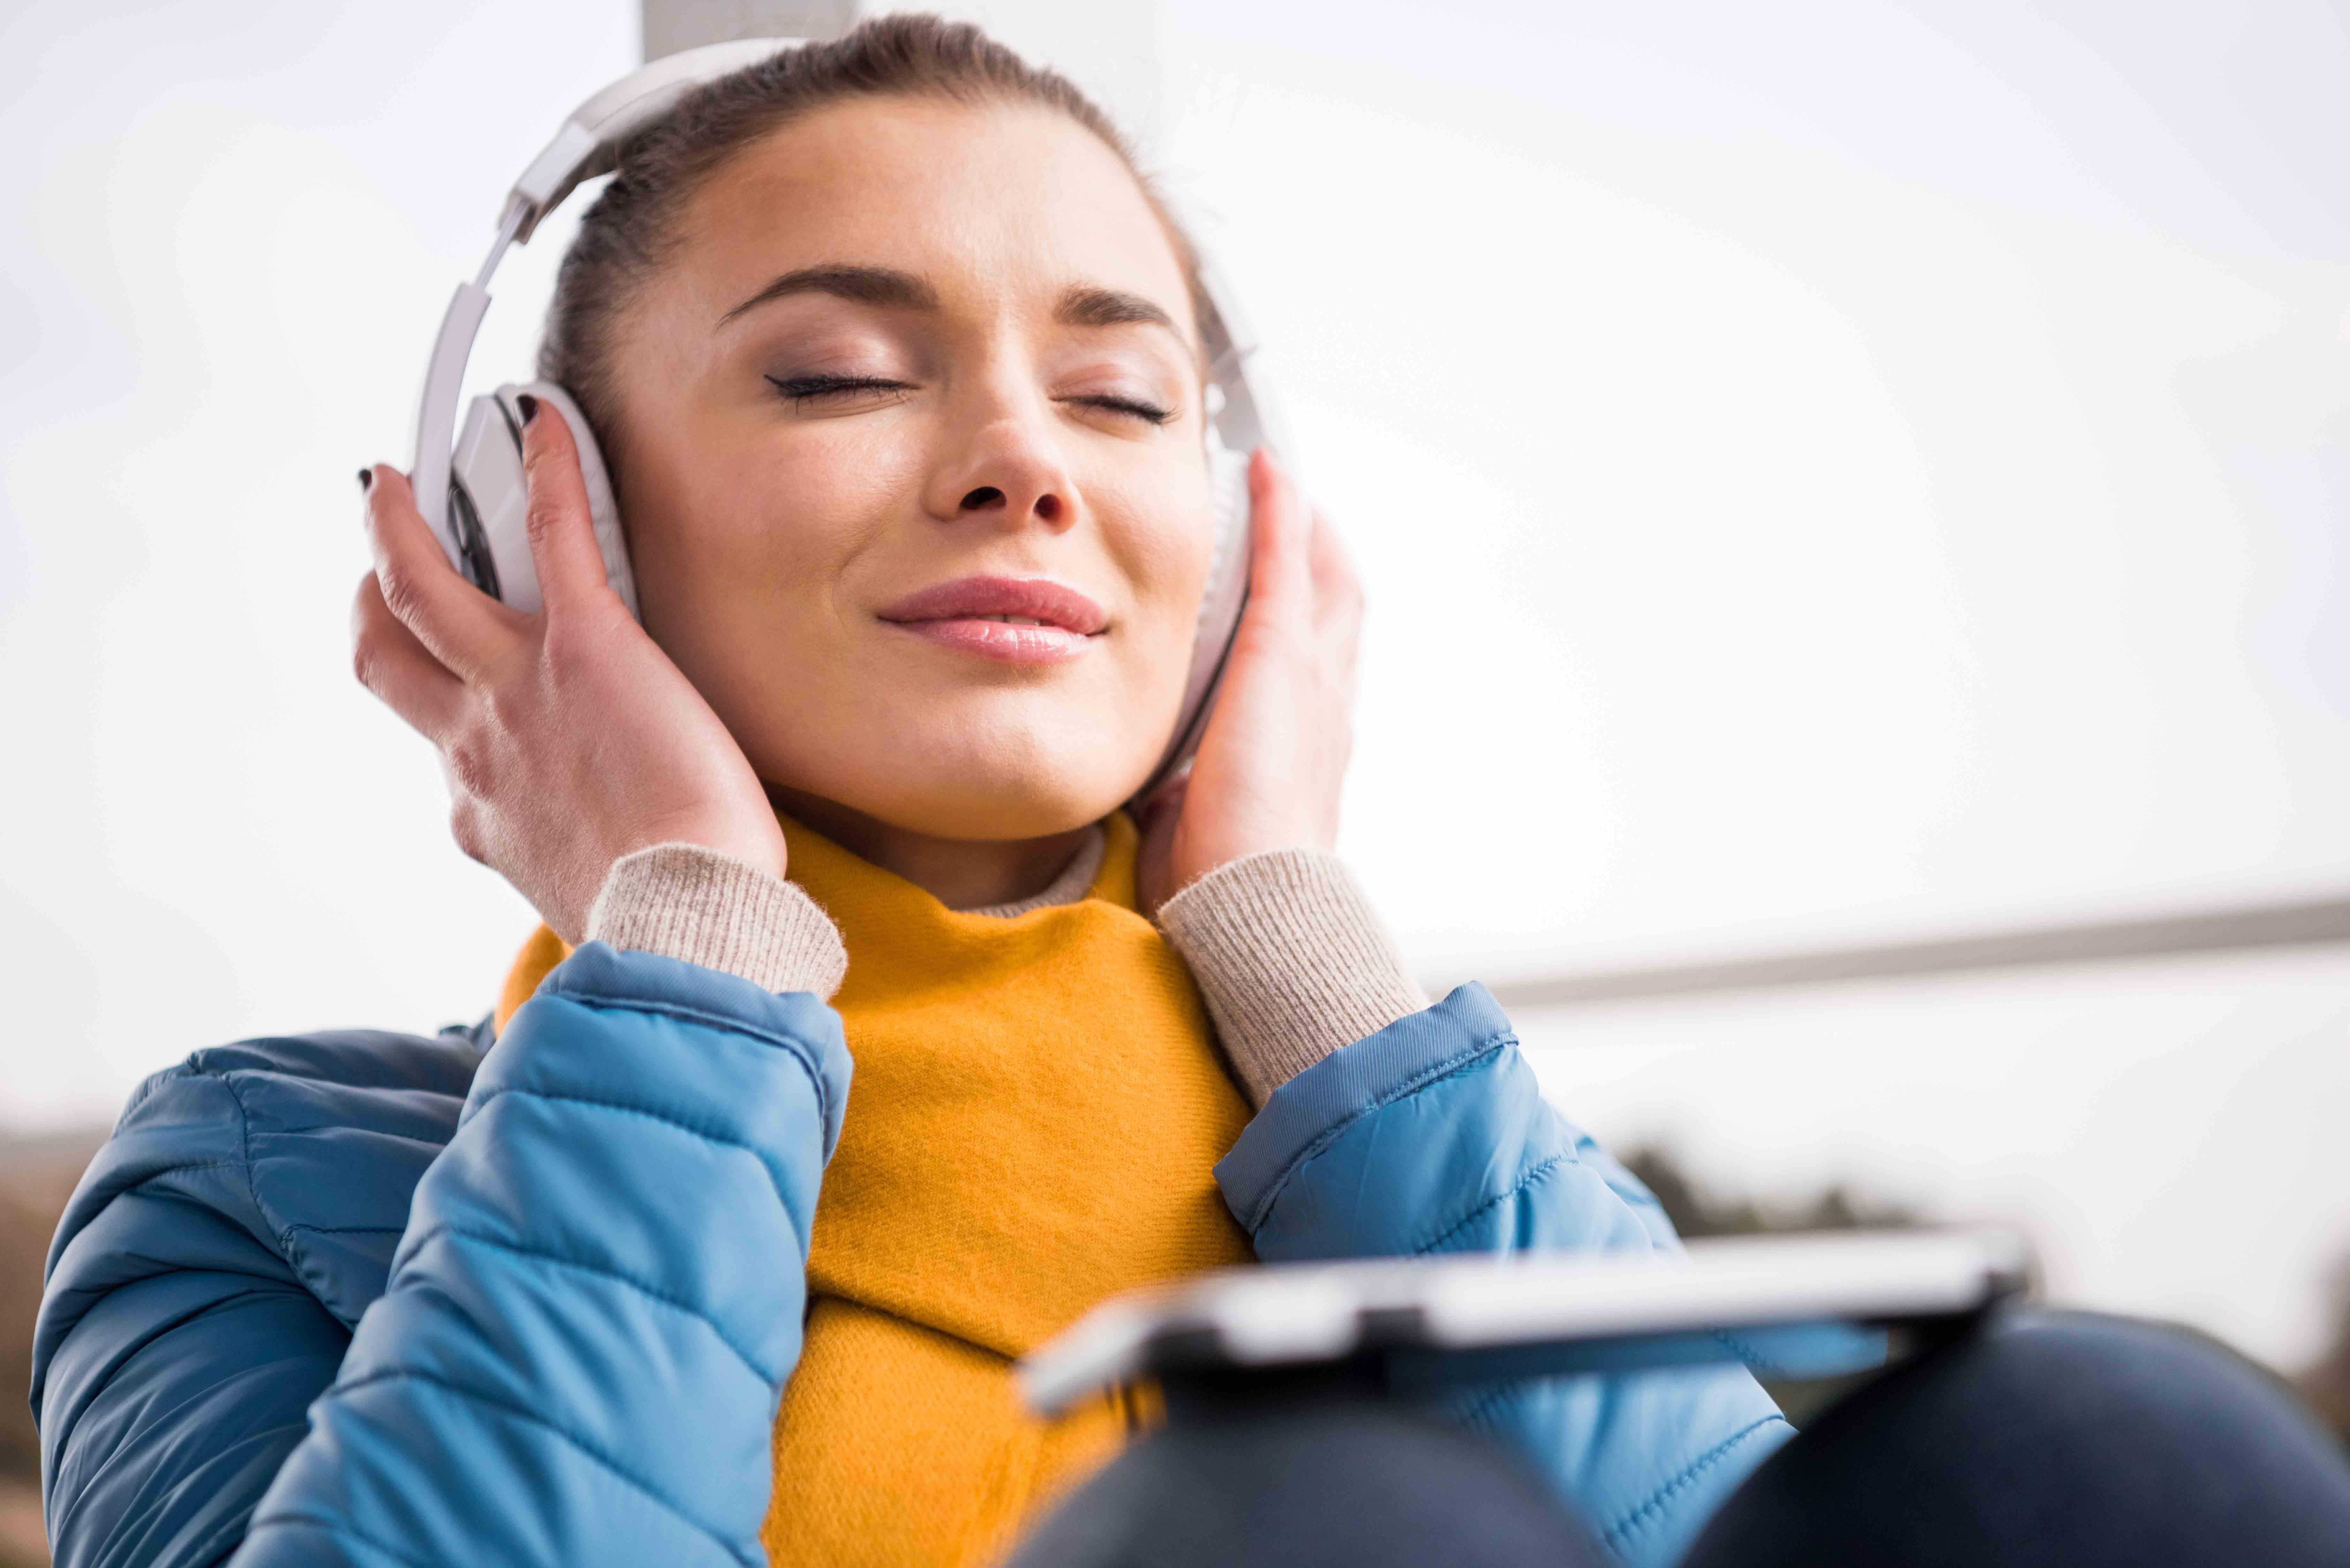 Ihr Lärmschutz-Spezialist berät Sie